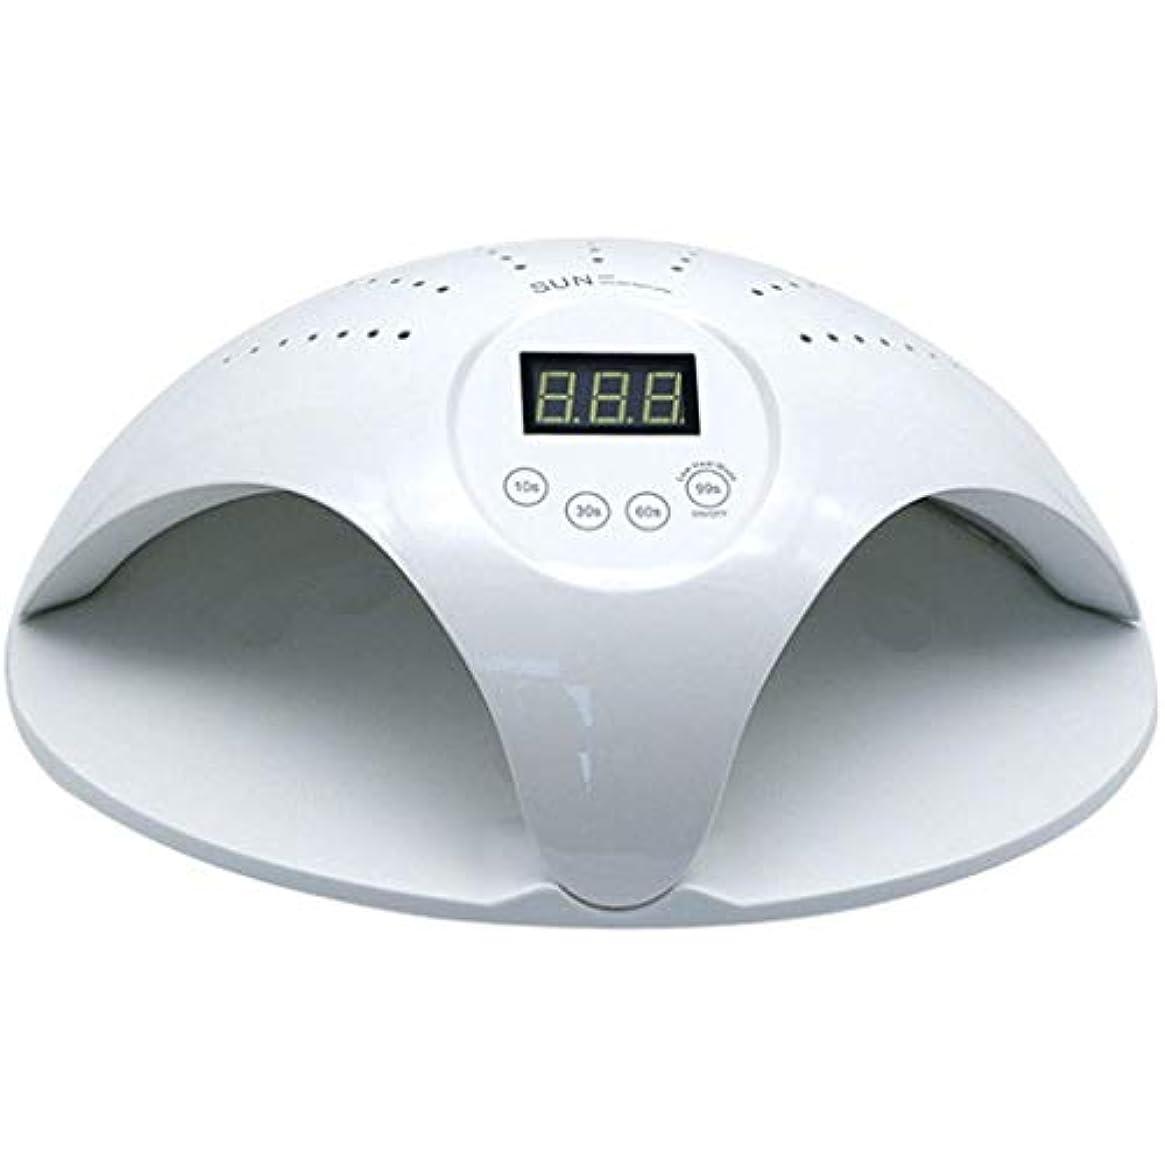 塩最初は分配しますBEIHUAN 48WプロフェッショナルUV LEDジェルネイルランプポーランド硬化乾燥機ライトスマート10月30日/ 60 / 99Sホワイトを設定する4タイマーで自動検出